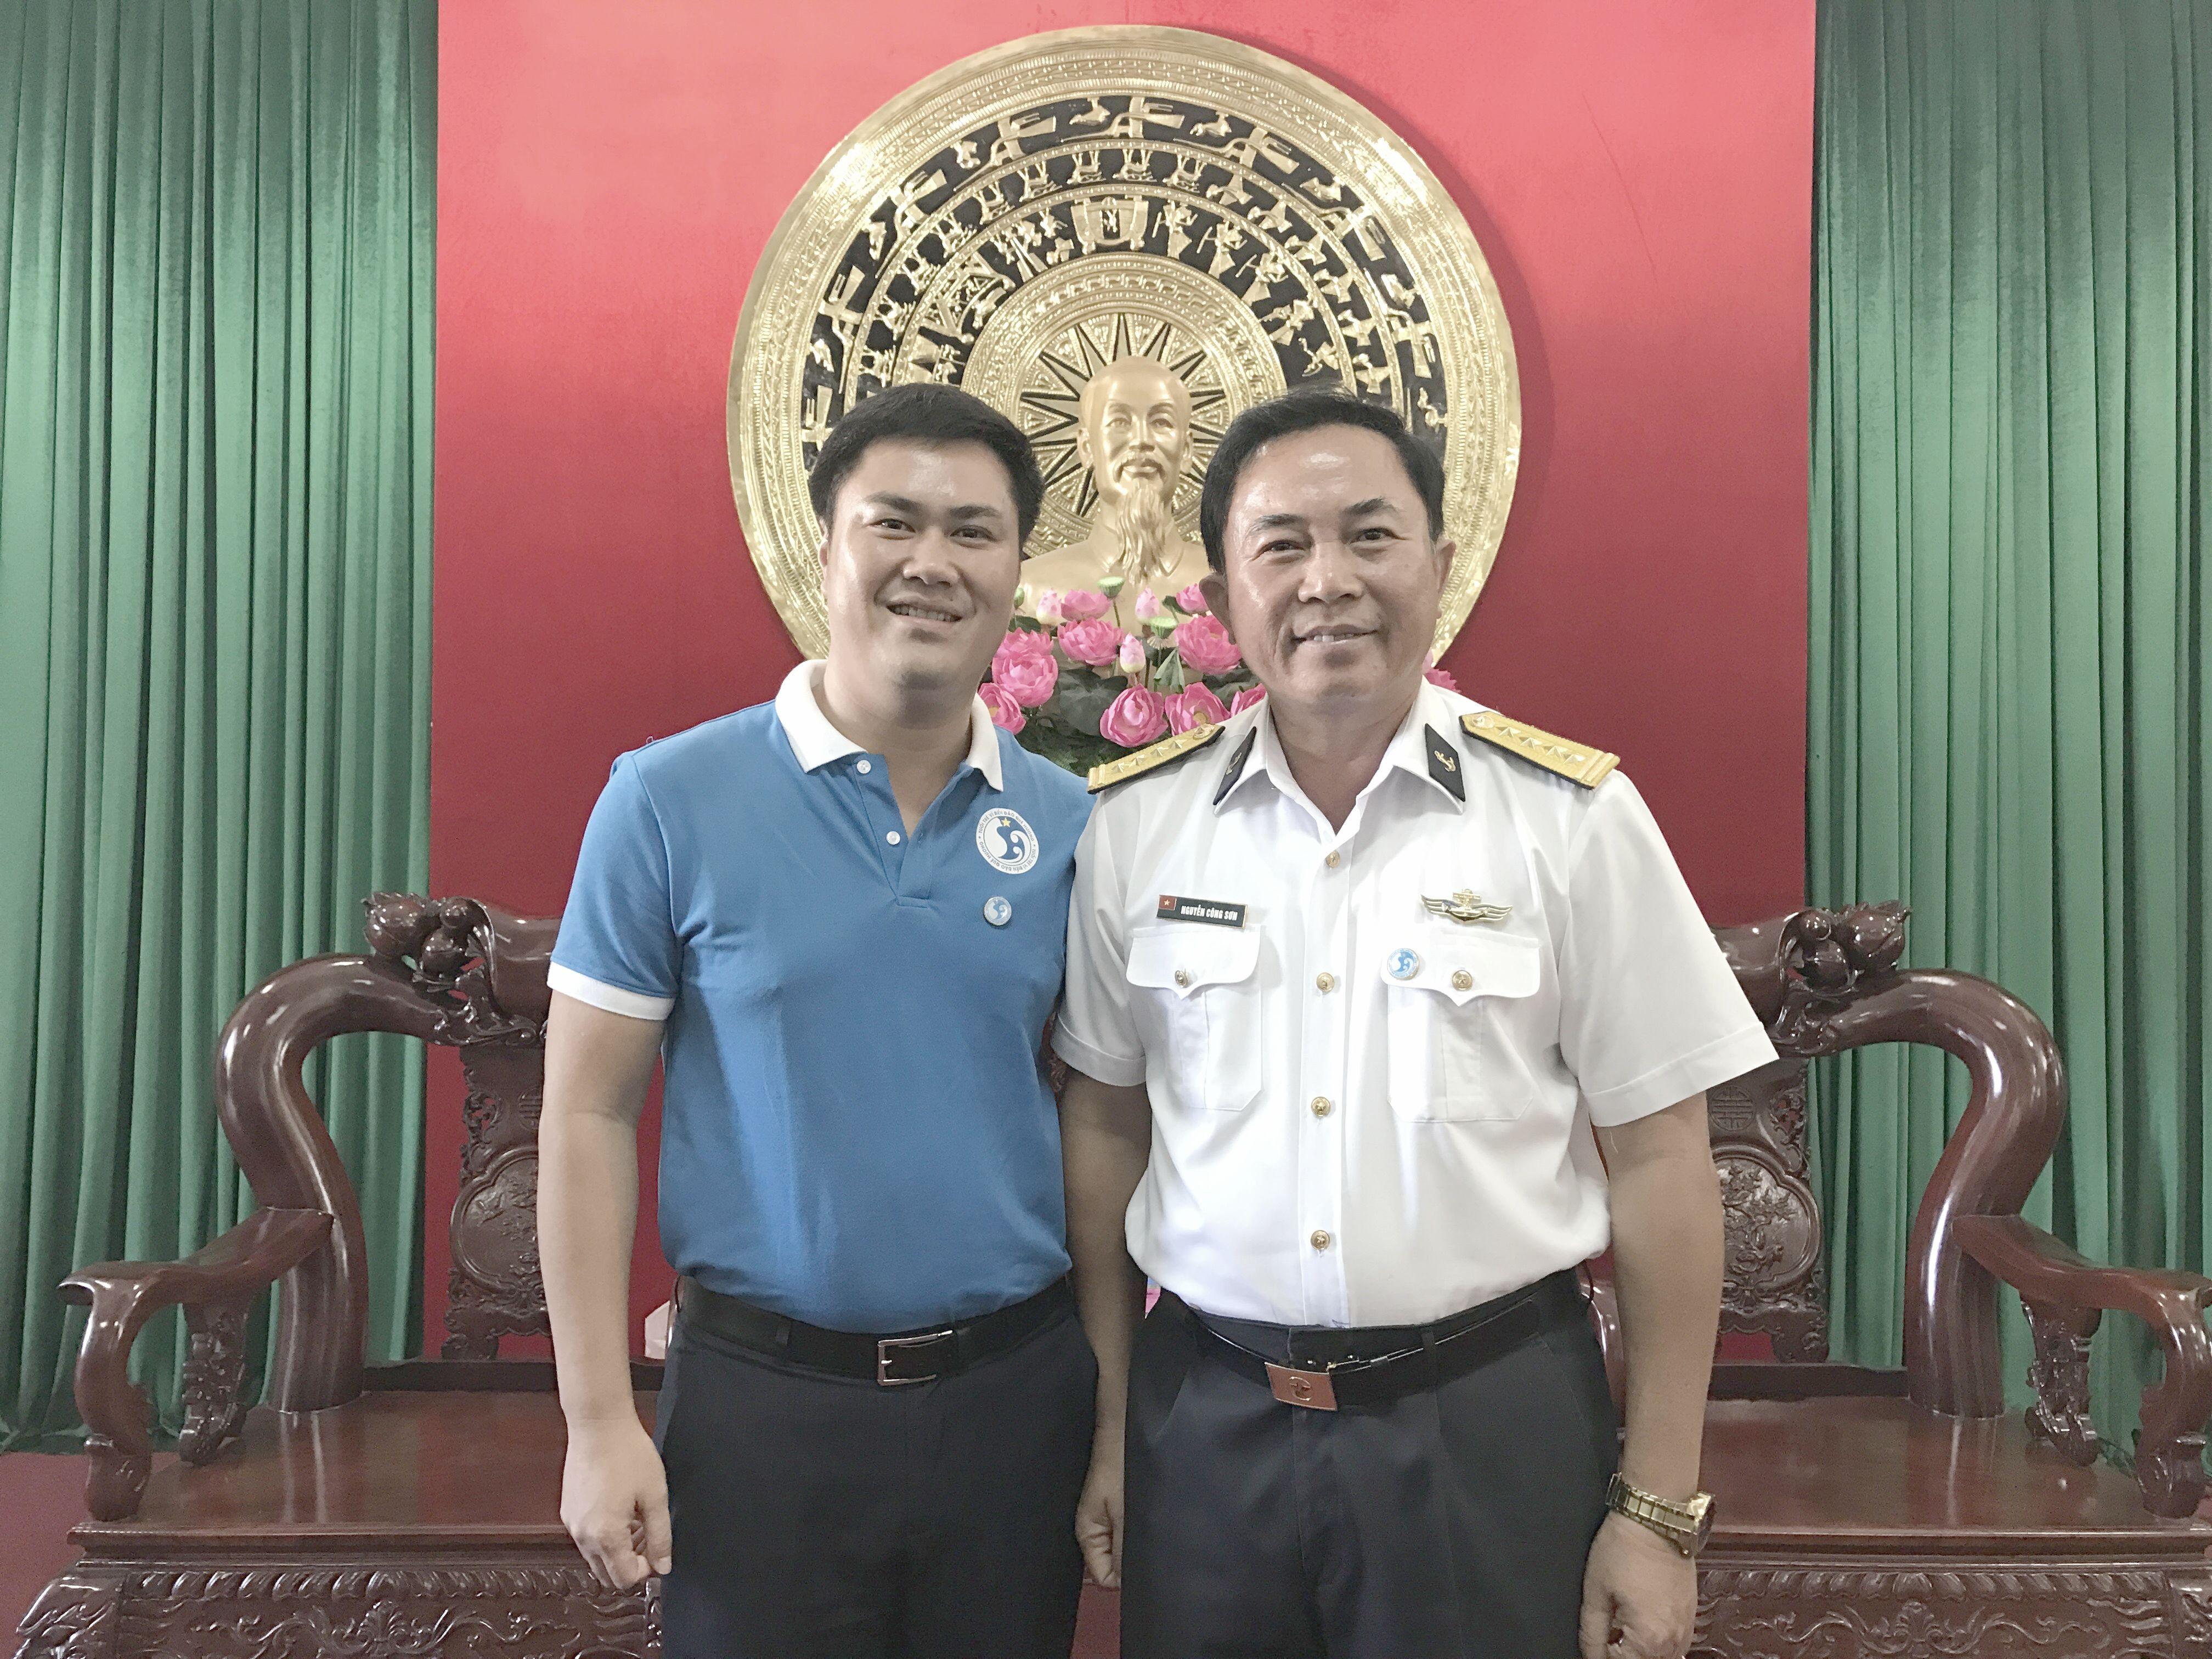 Đại tá Nguyễn Công Sơn - Phó chính ủy Vùng 4 Hải quân  - tiếp và làm việc với TS. Đỗ Minh Chính